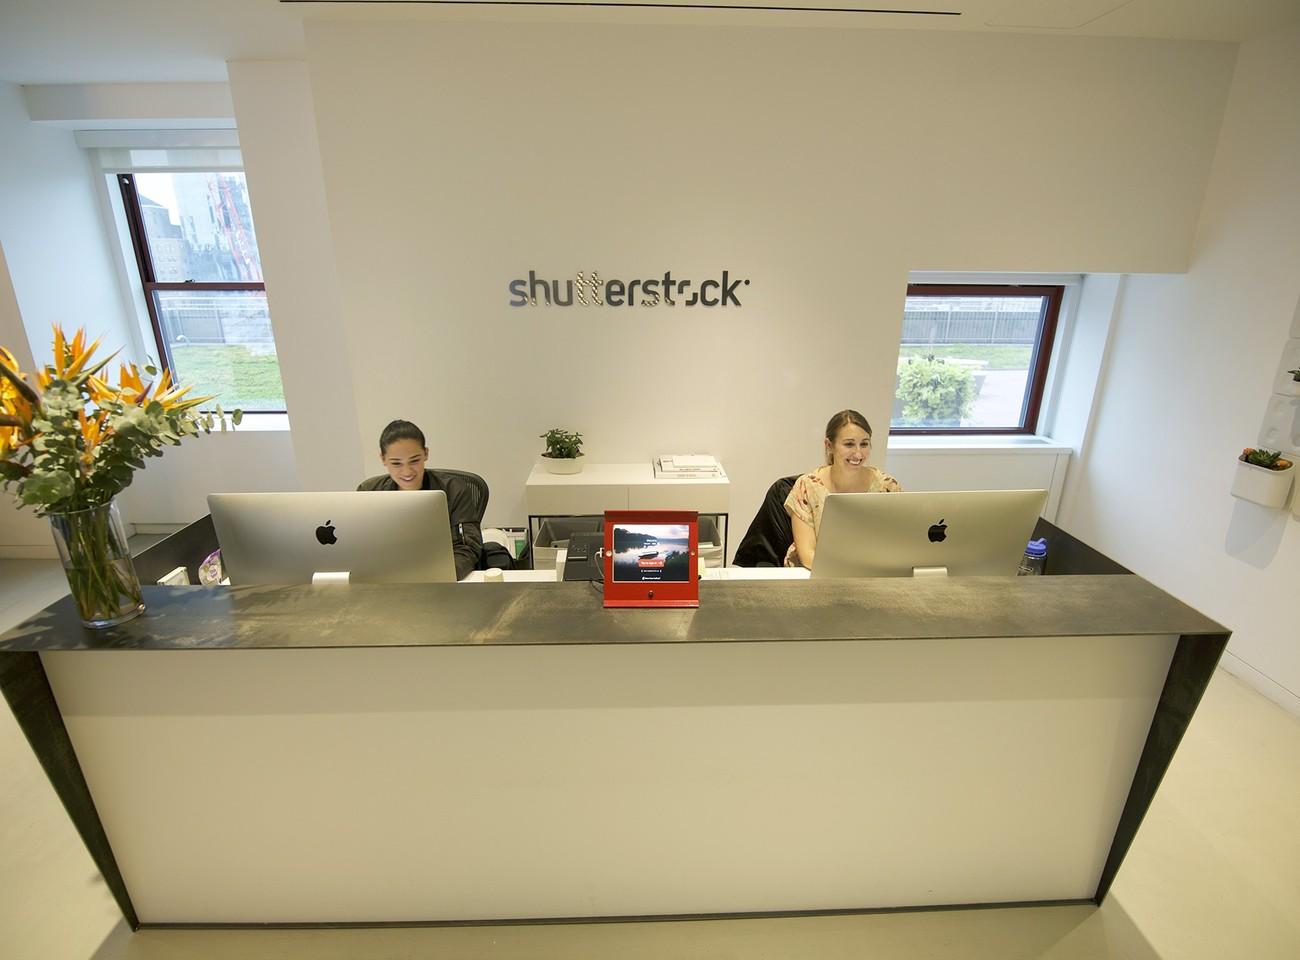 Shutterstock Careers